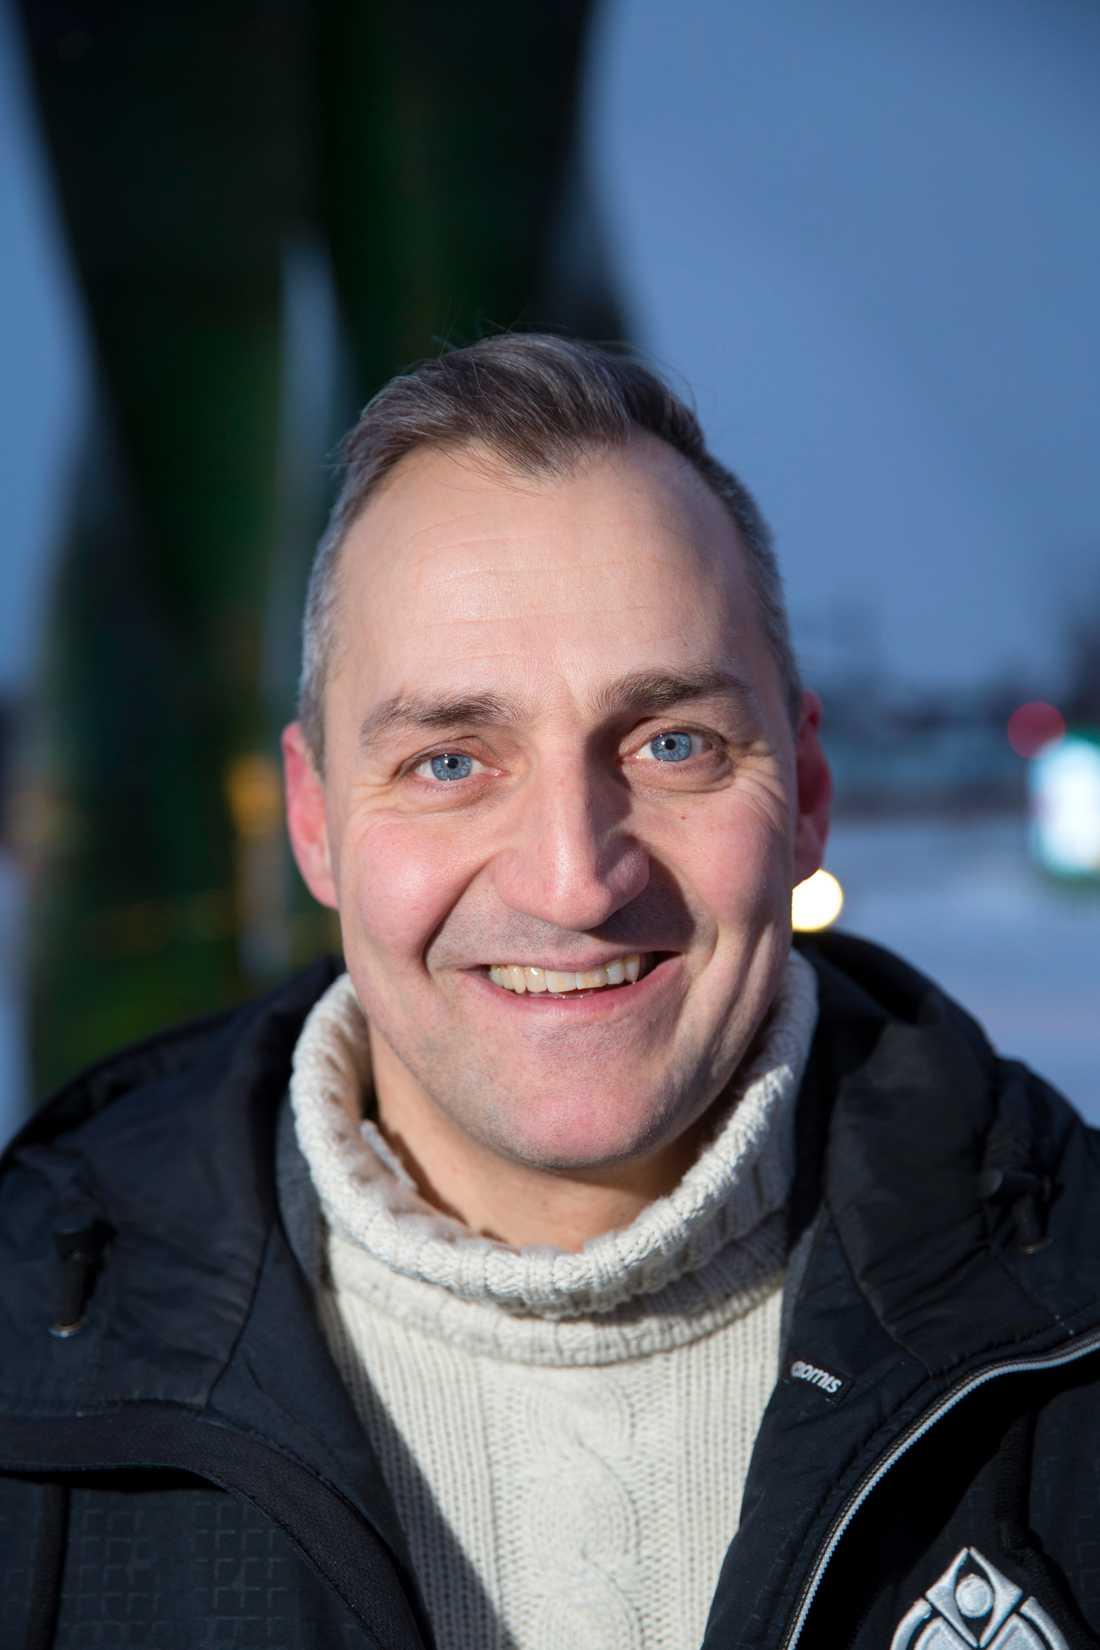 """""""Vi kommer definitivt att vara en kommun som behöver extra stöd till kulturen om inte konsekvenserna ska bli ödesdigra, det är jag övertygad om"""", säger Fredrik Lindegren, kulturchef i Umeå. Arkivbild."""